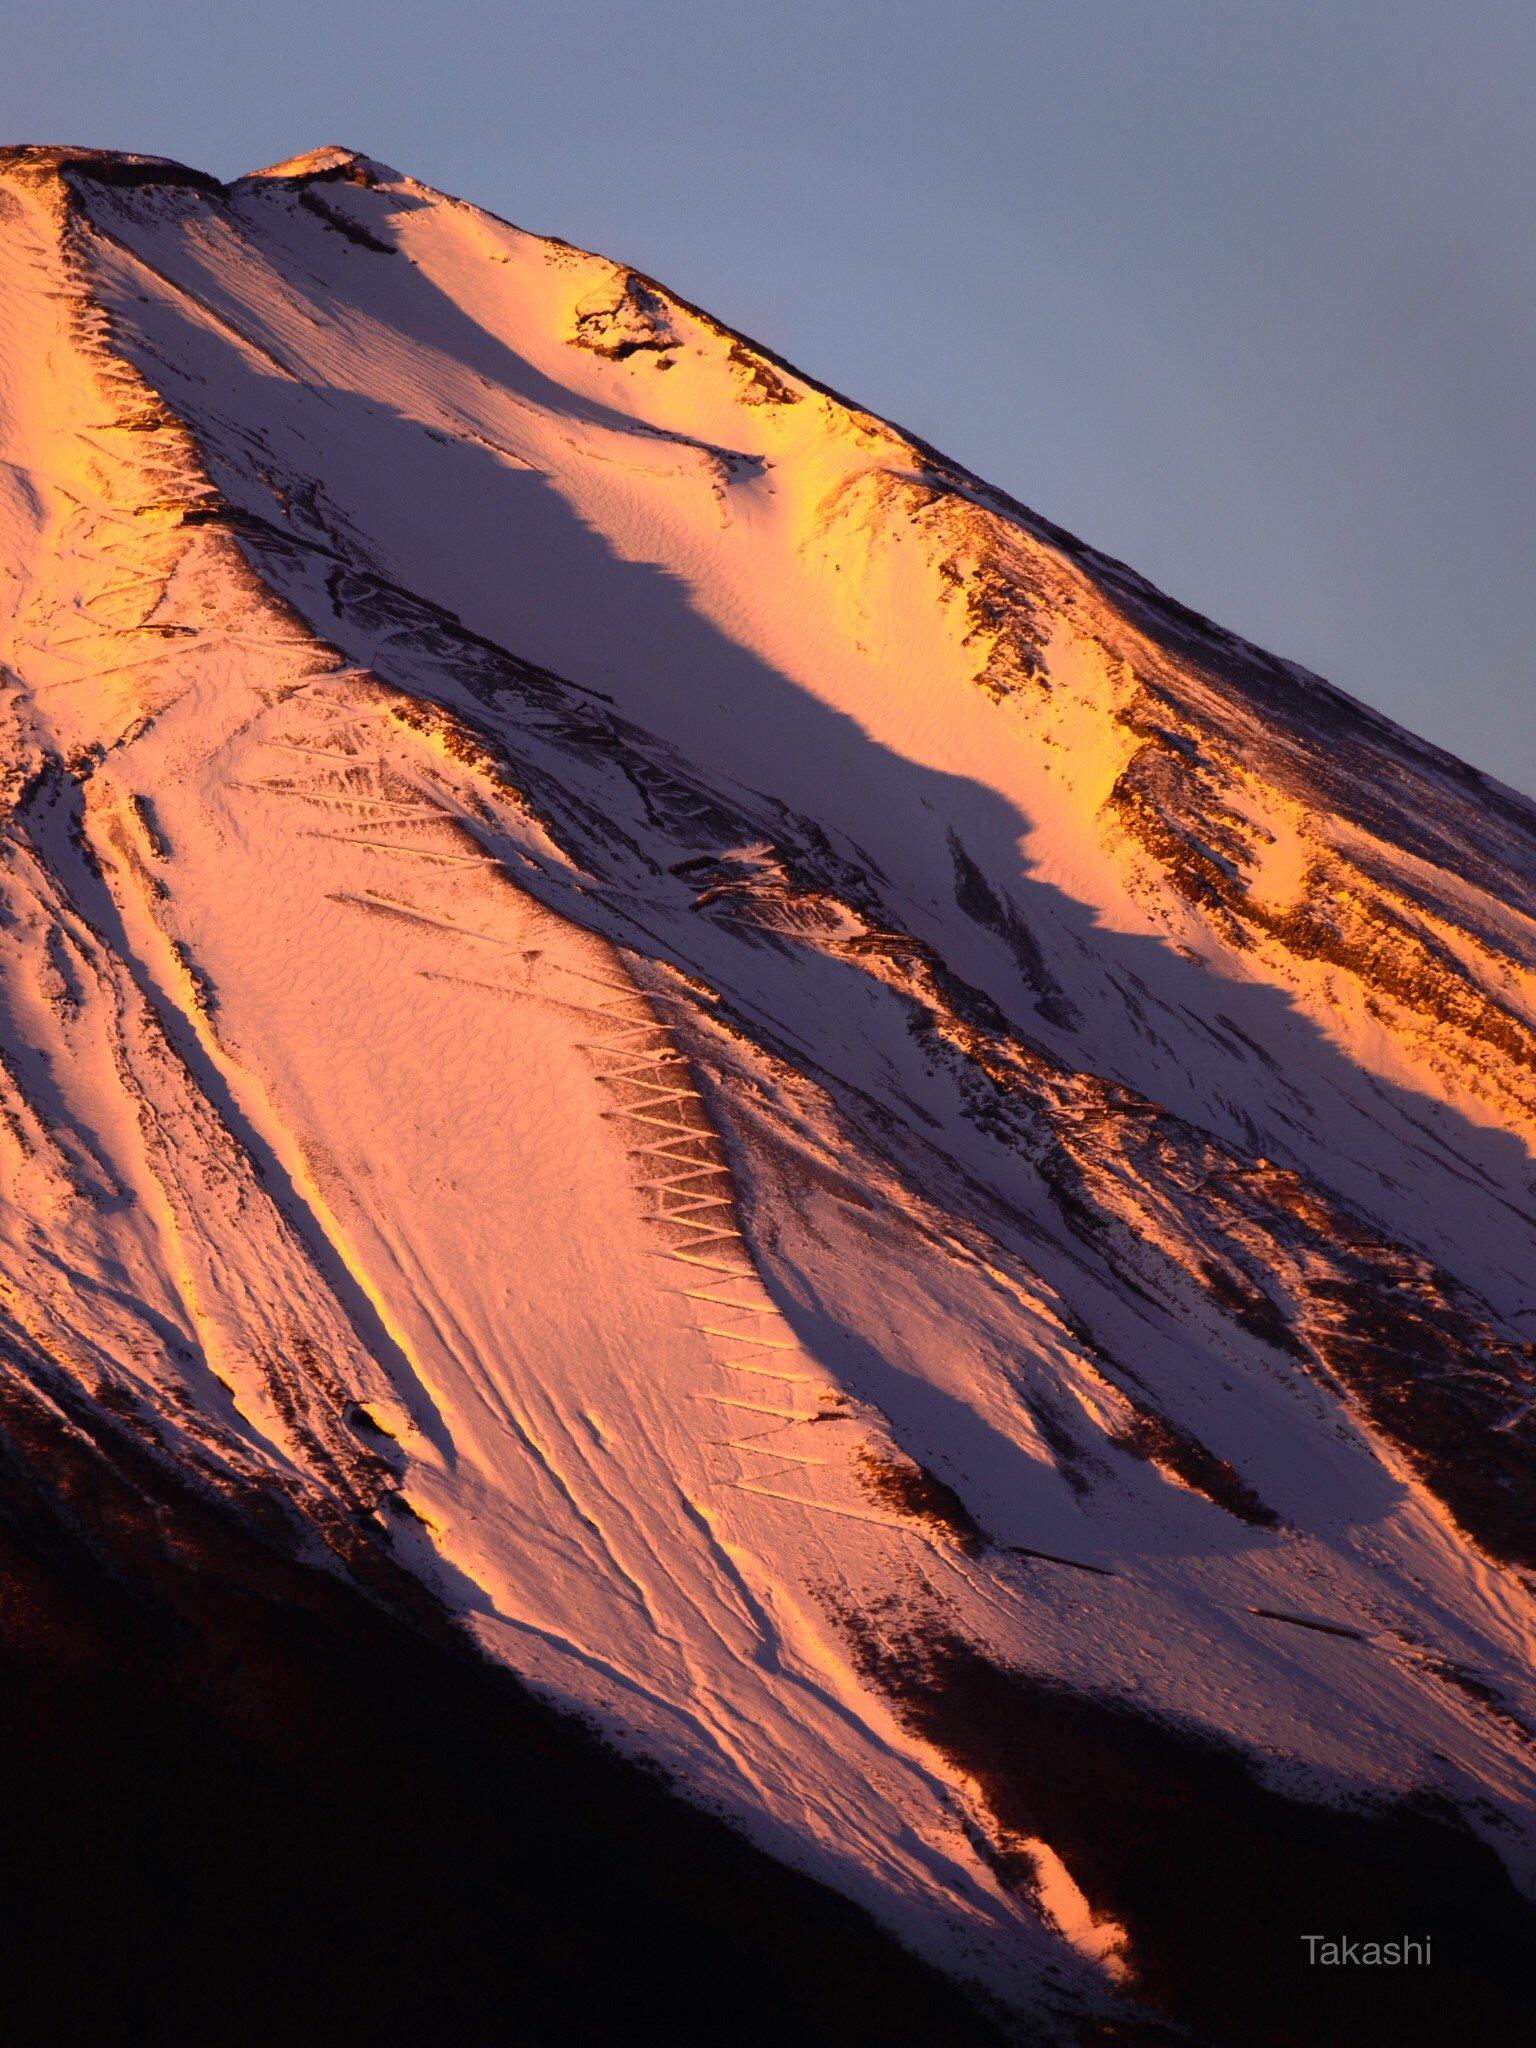 Fuji,mountain,Japan,snow,trail,road,orange,pink,, Takashi